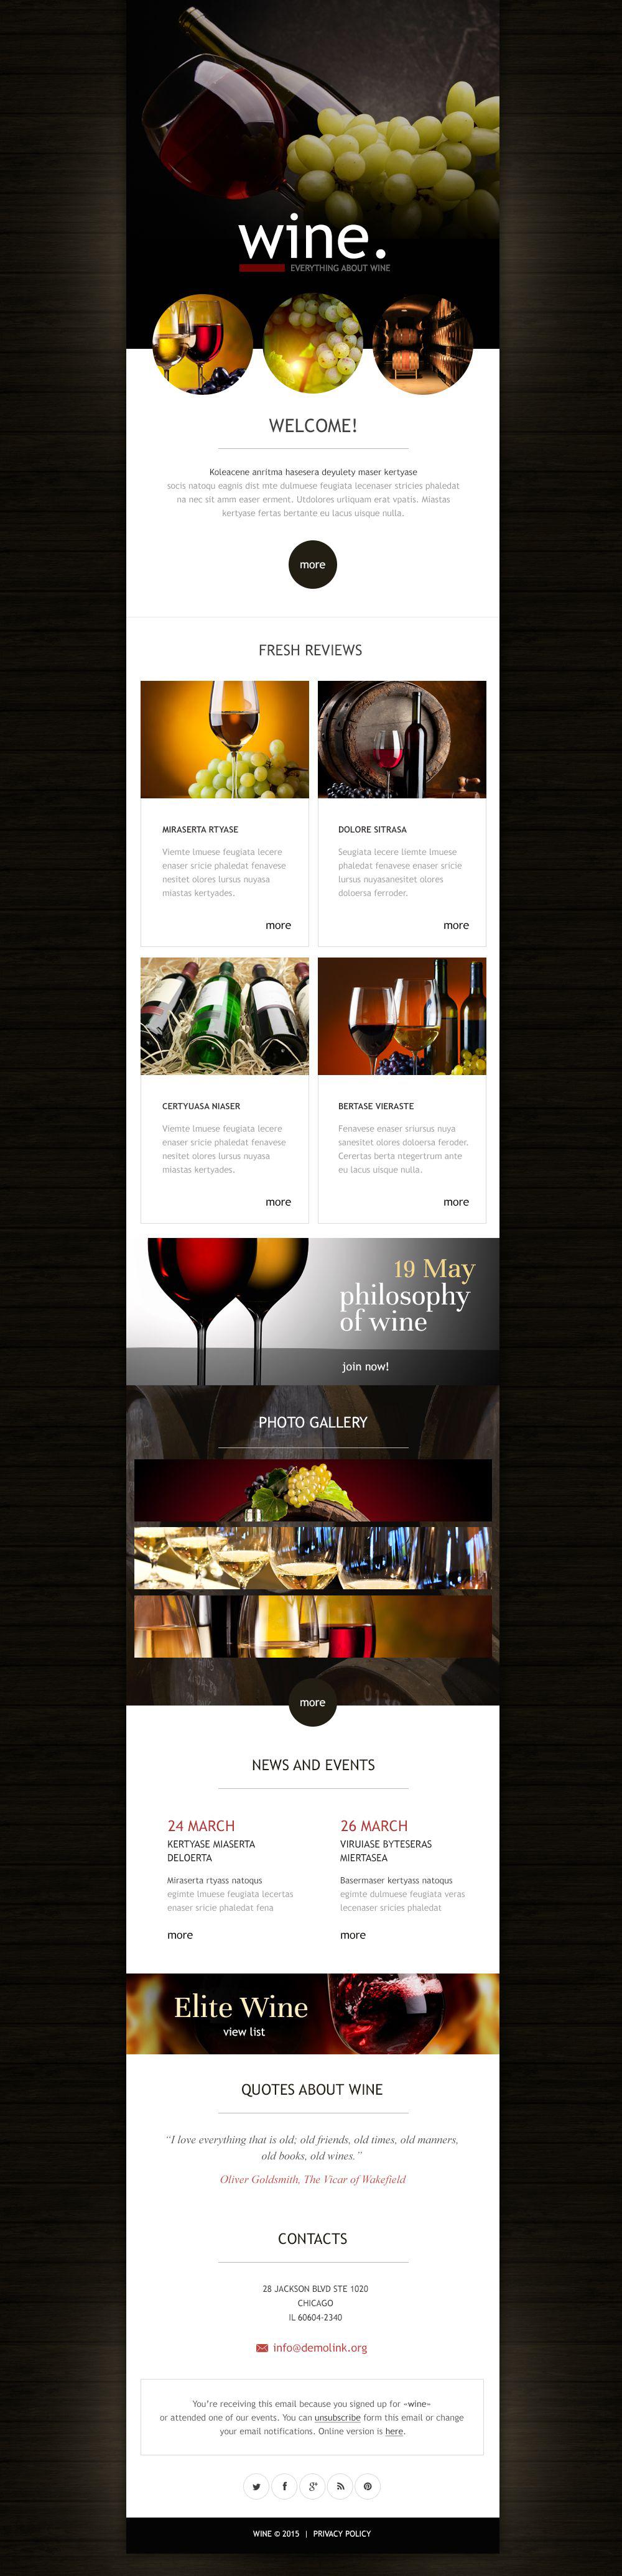 Plantilla De Boletín De Noticias Responsive para Sitio de Vino #53029 - captura de pantalla